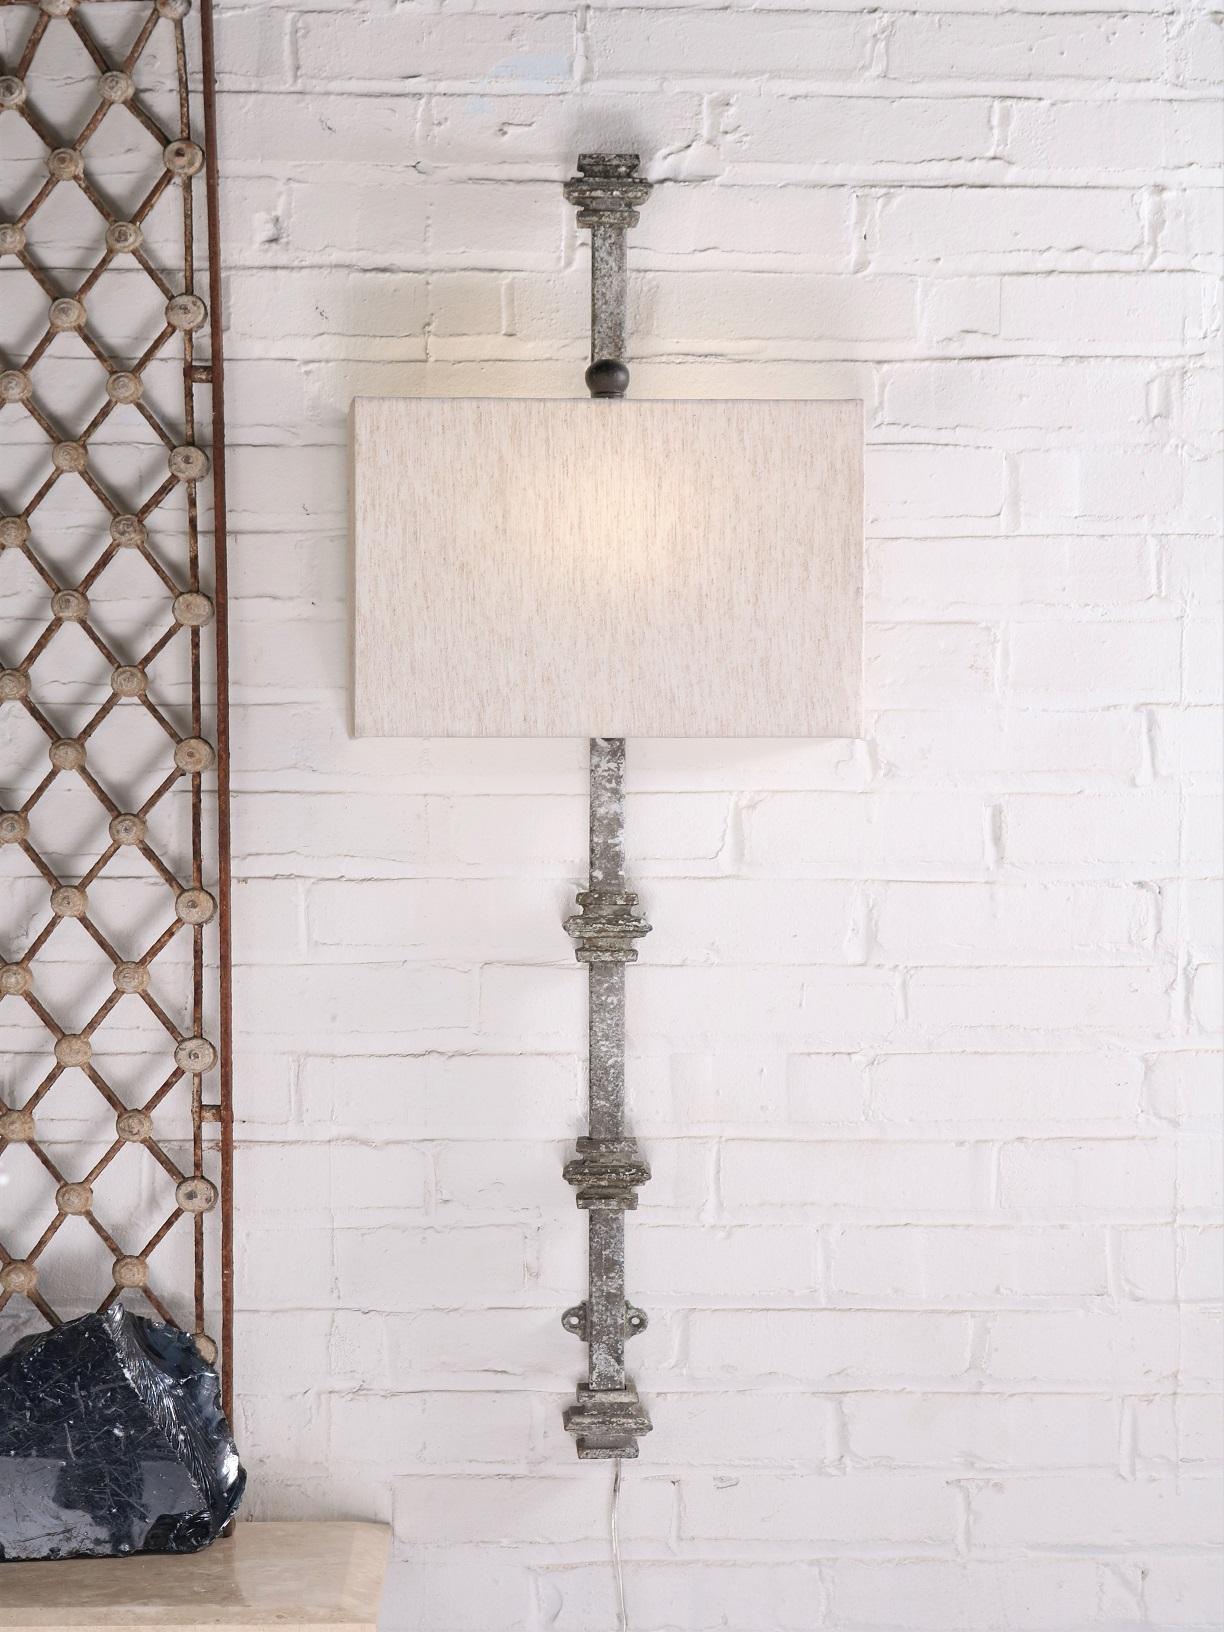 Mica Lamp Shade